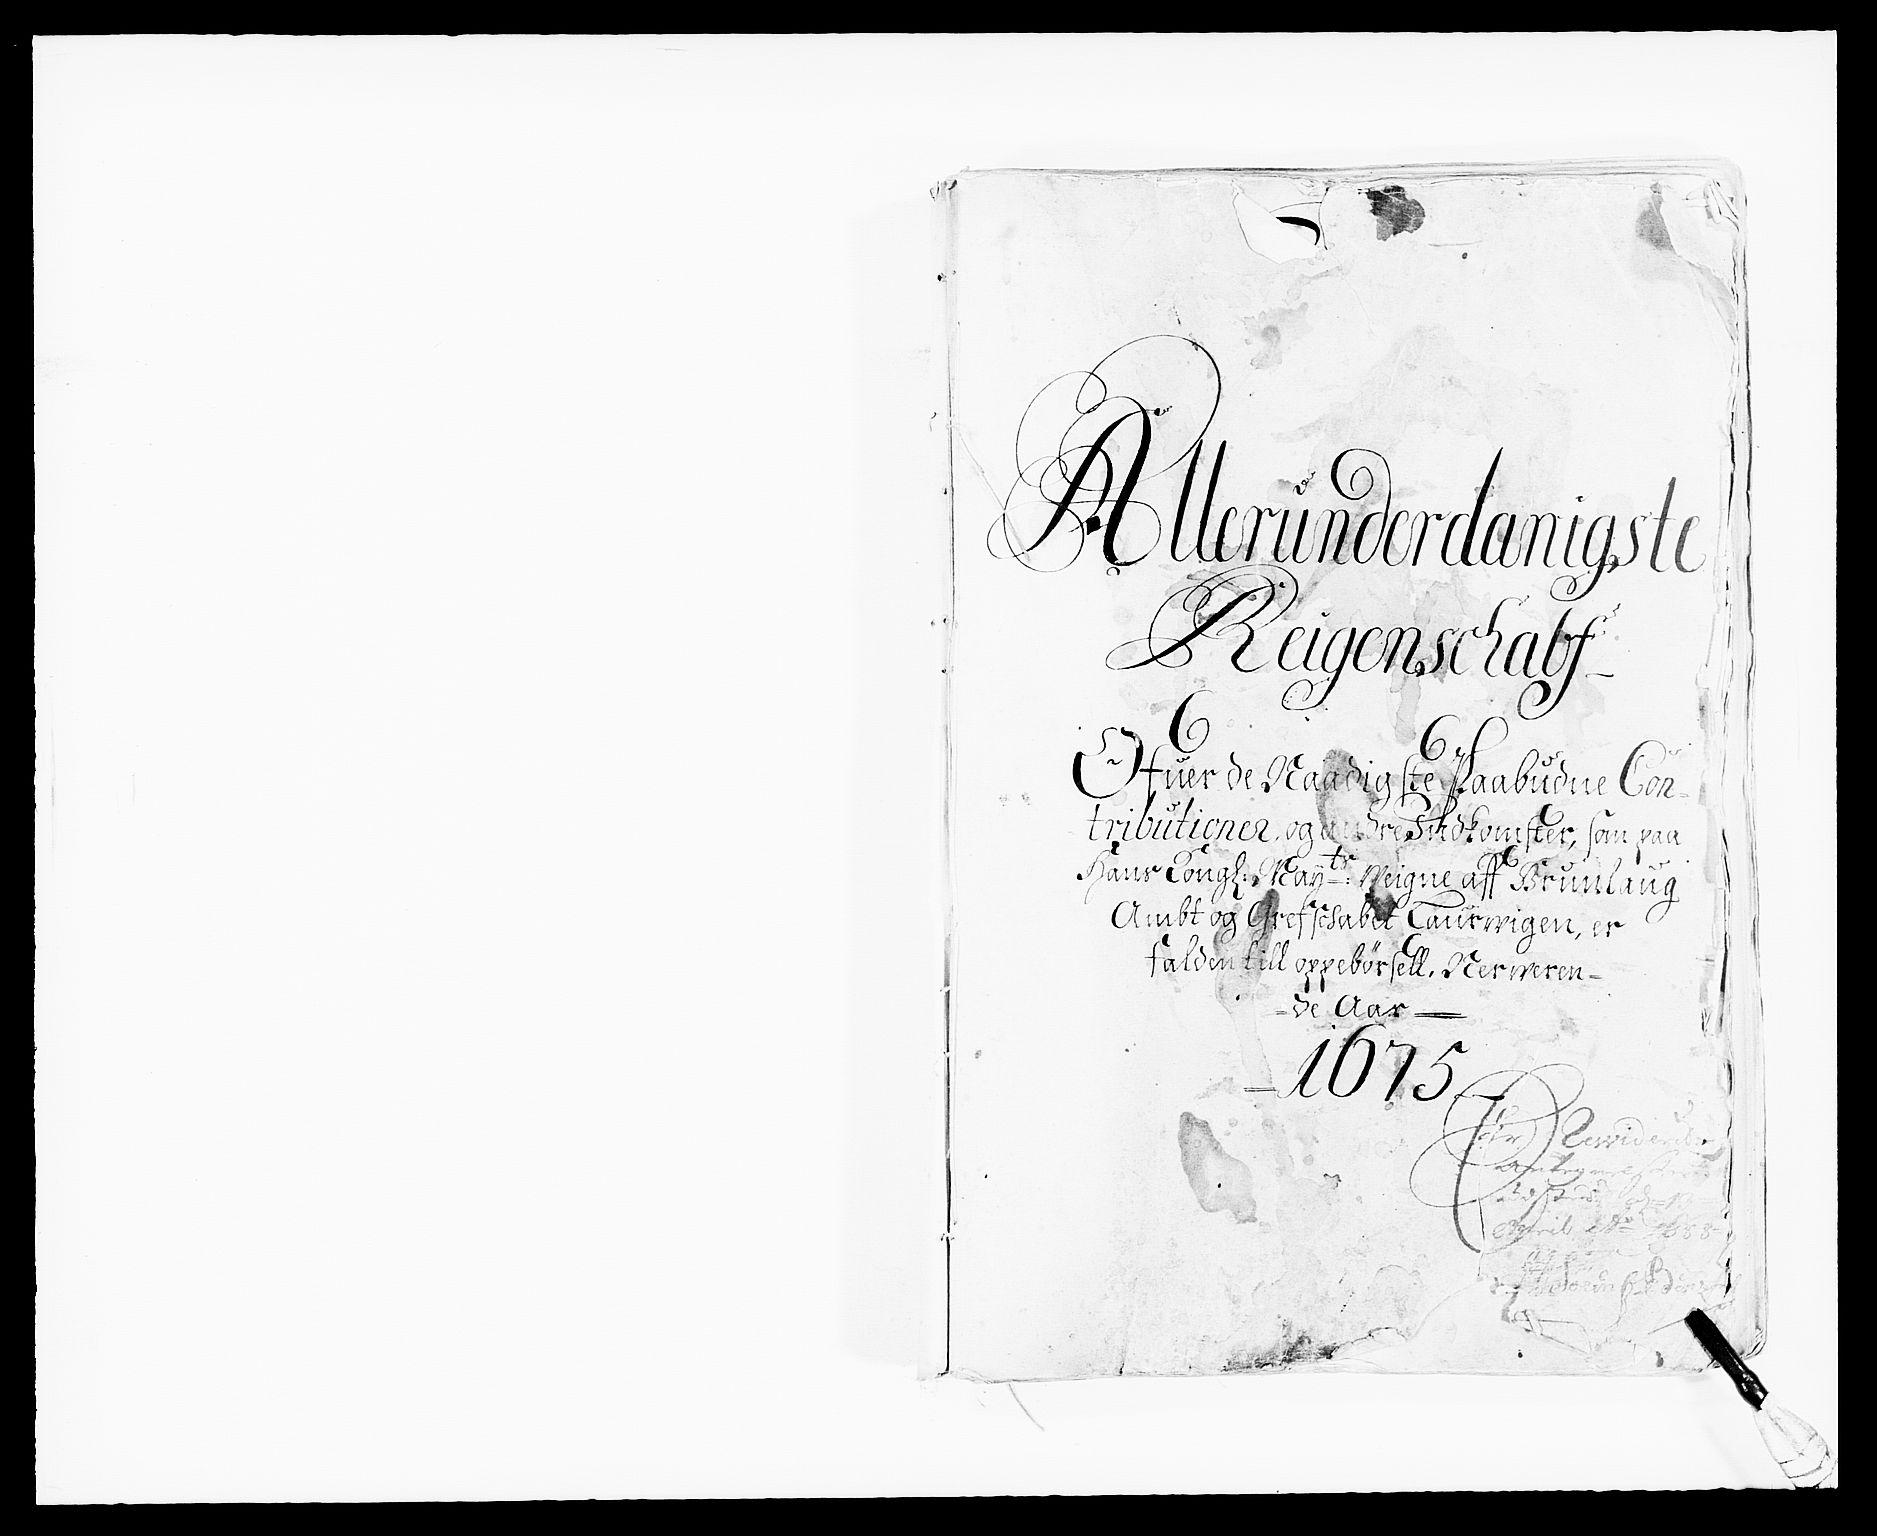 RA, Rentekammeret inntil 1814, Reviderte regnskaper, Fogderegnskap, R33/L1967: Fogderegnskap Larvik grevskap, 1675-1687, s. 1